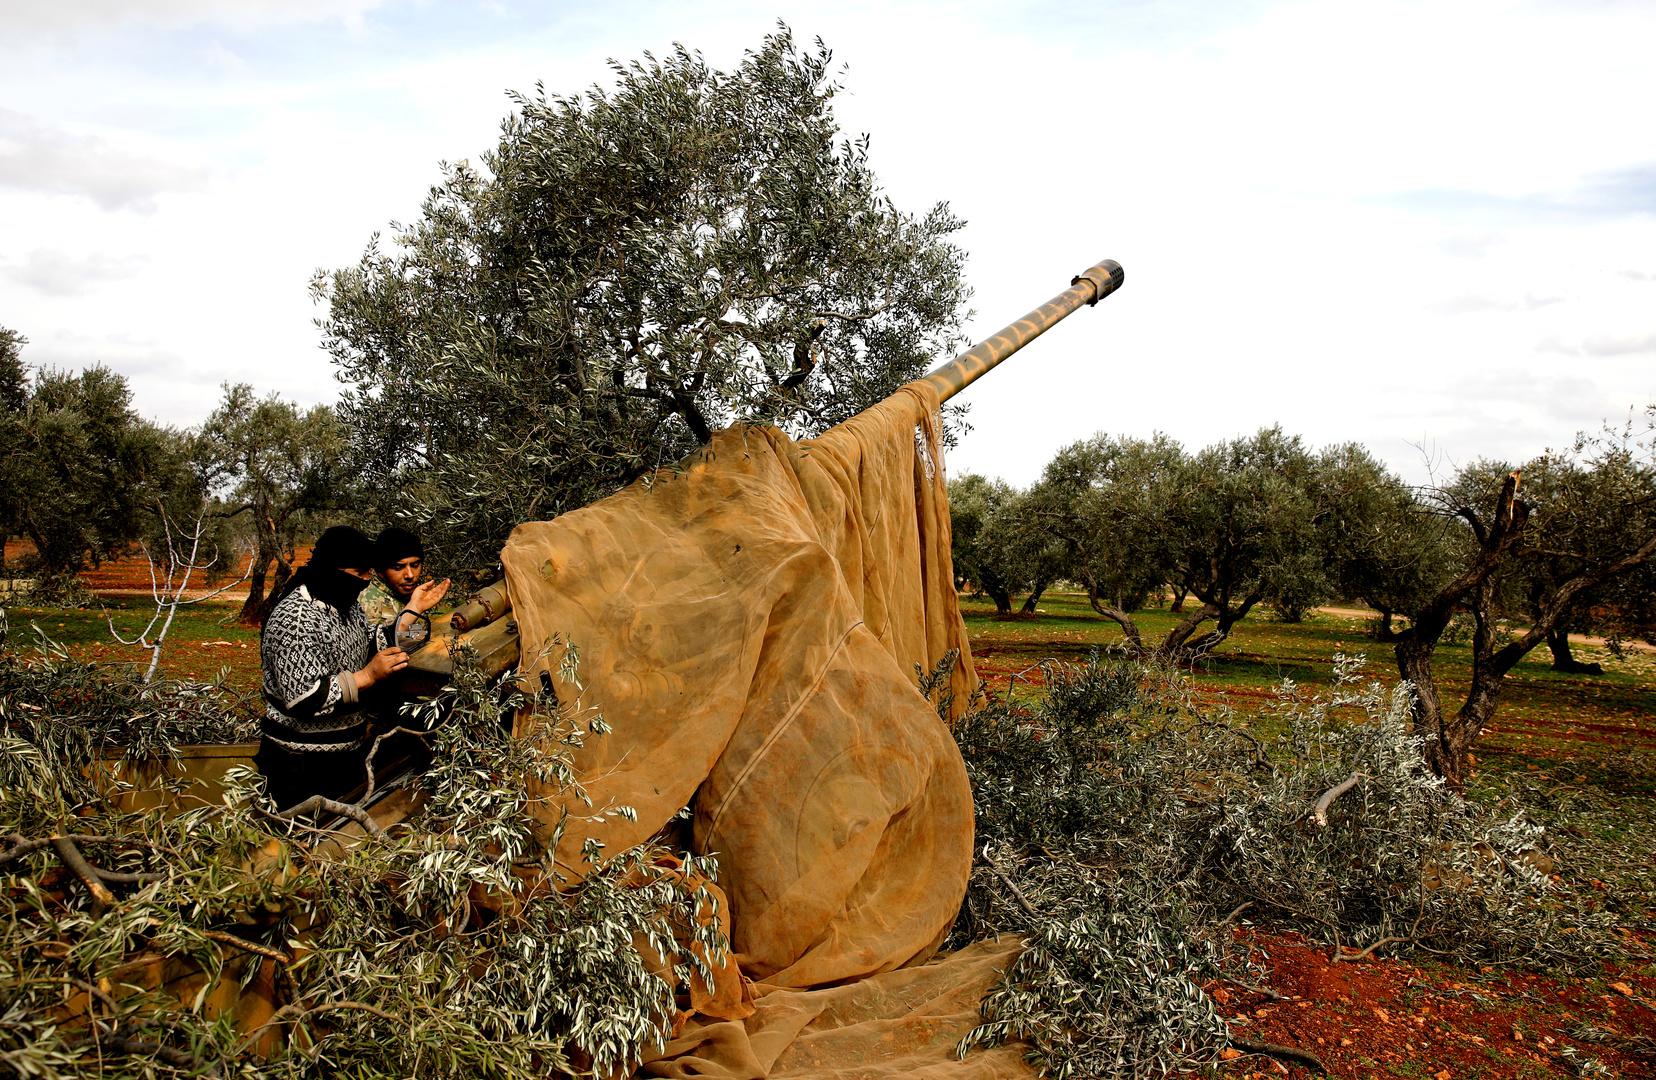 مسلحون في إدلب بسوريا (صورة من الأرشيف)